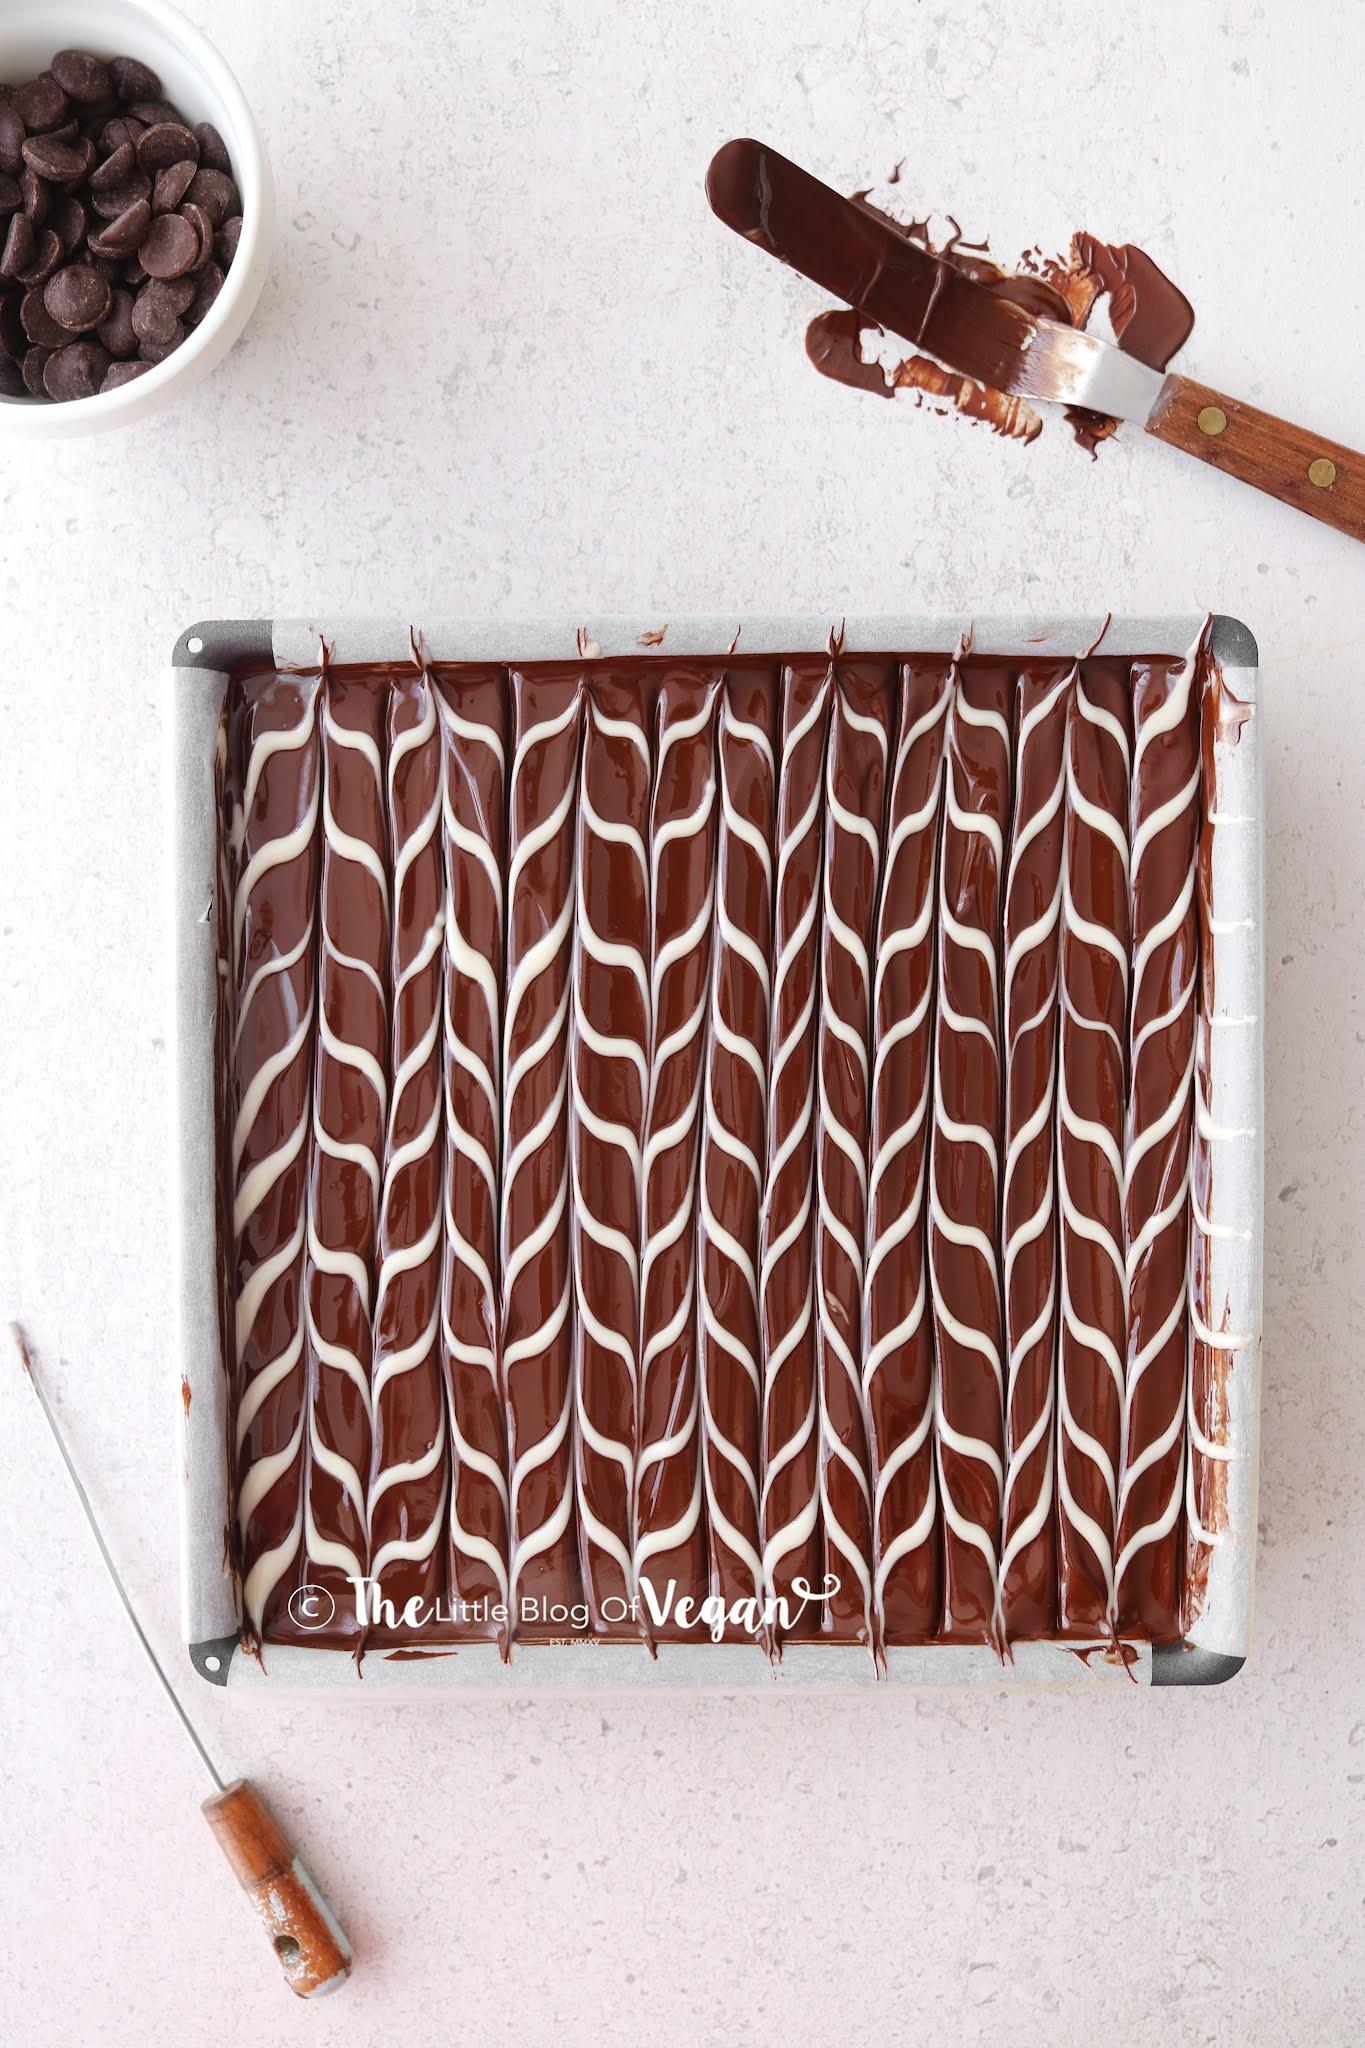 White and Dark chocolate swirl